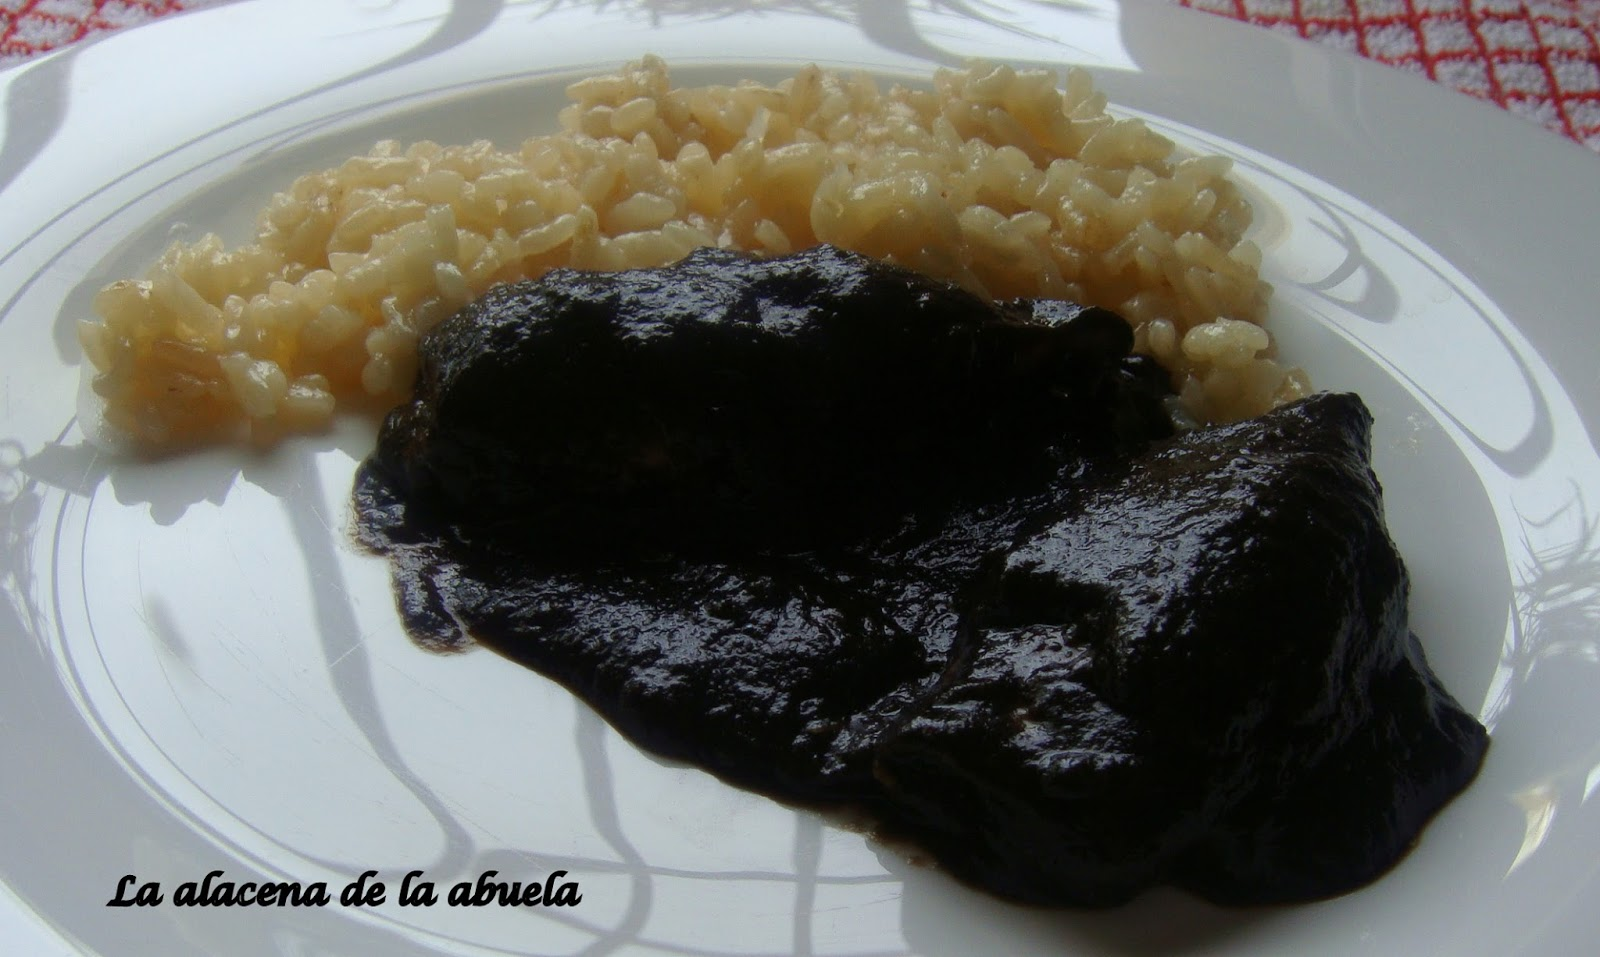 La alacena de la abuela carmen chipirones en su tinta - Cocina casera de la abuela ...